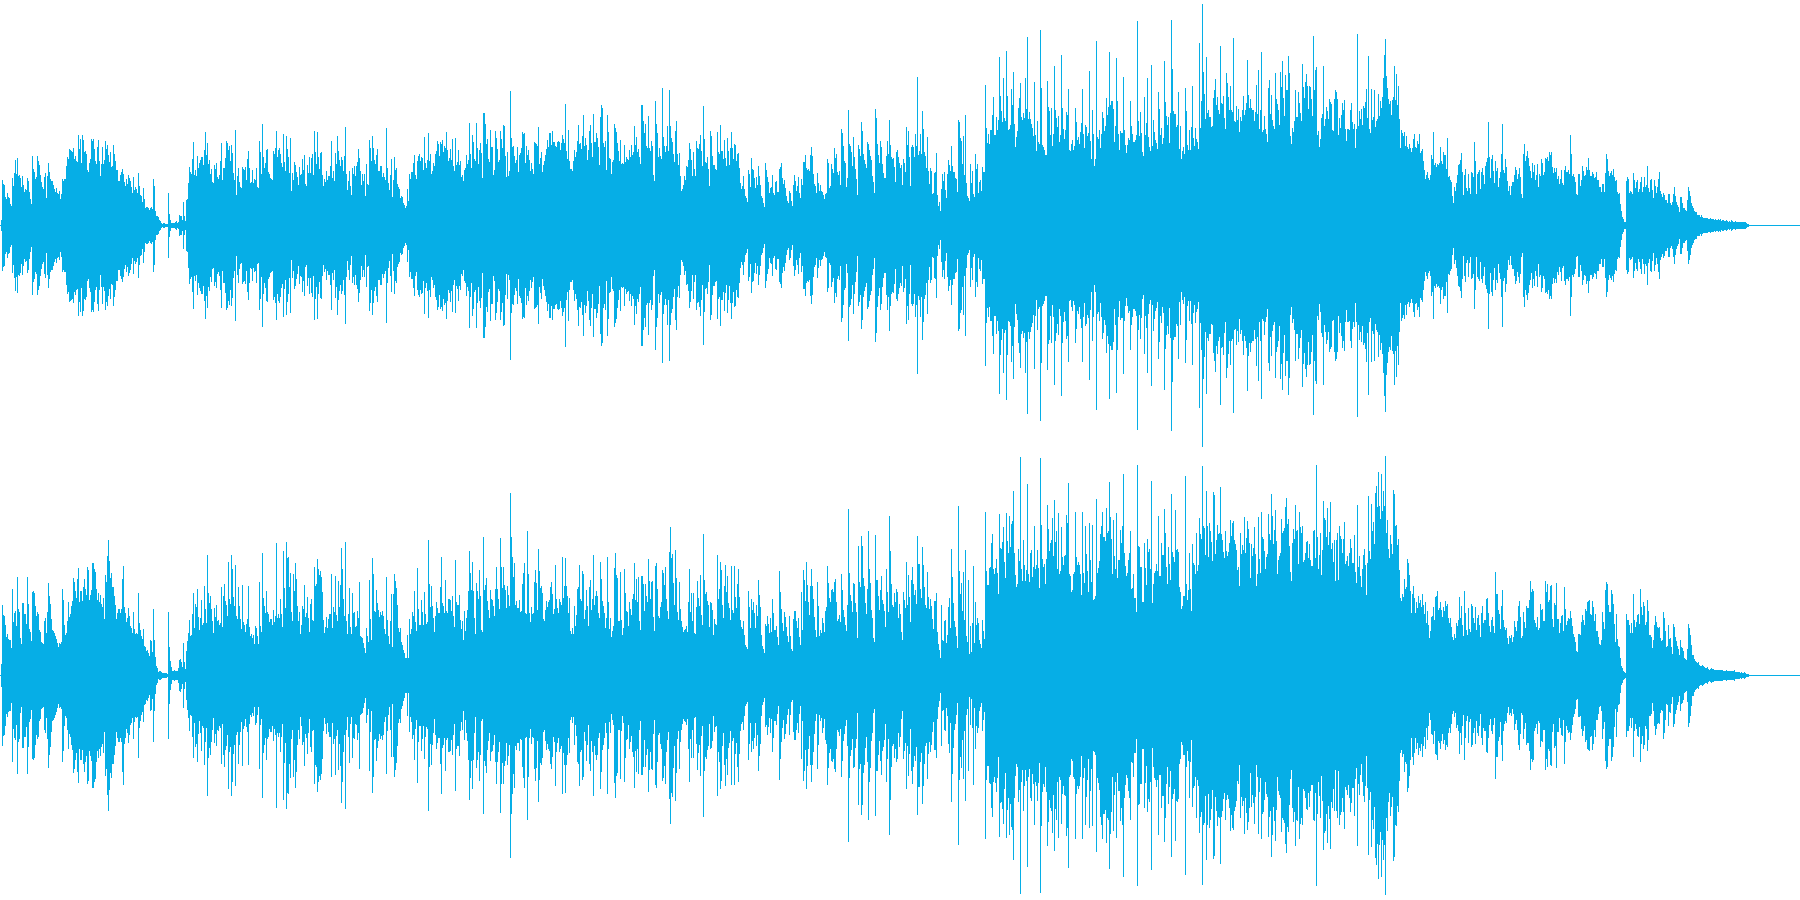 爽やかな雰囲気のBGMの再生済みの波形